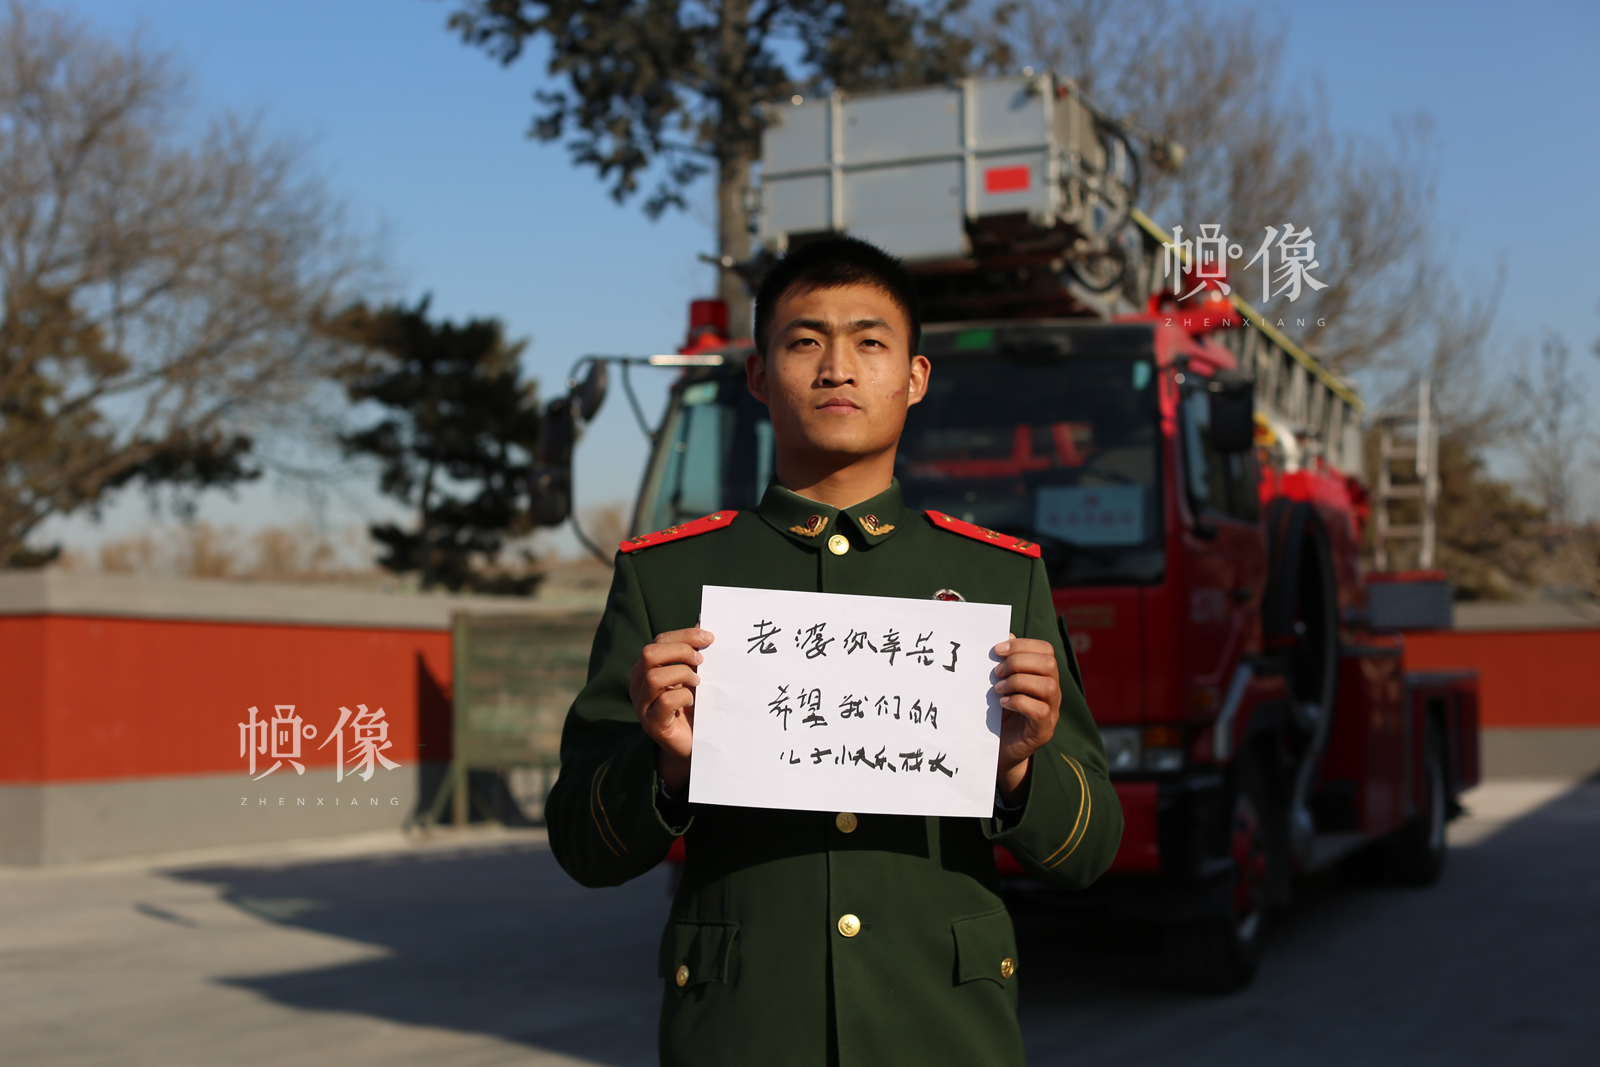 图为故宫消防刘冰。中国网记者 王名扬摄